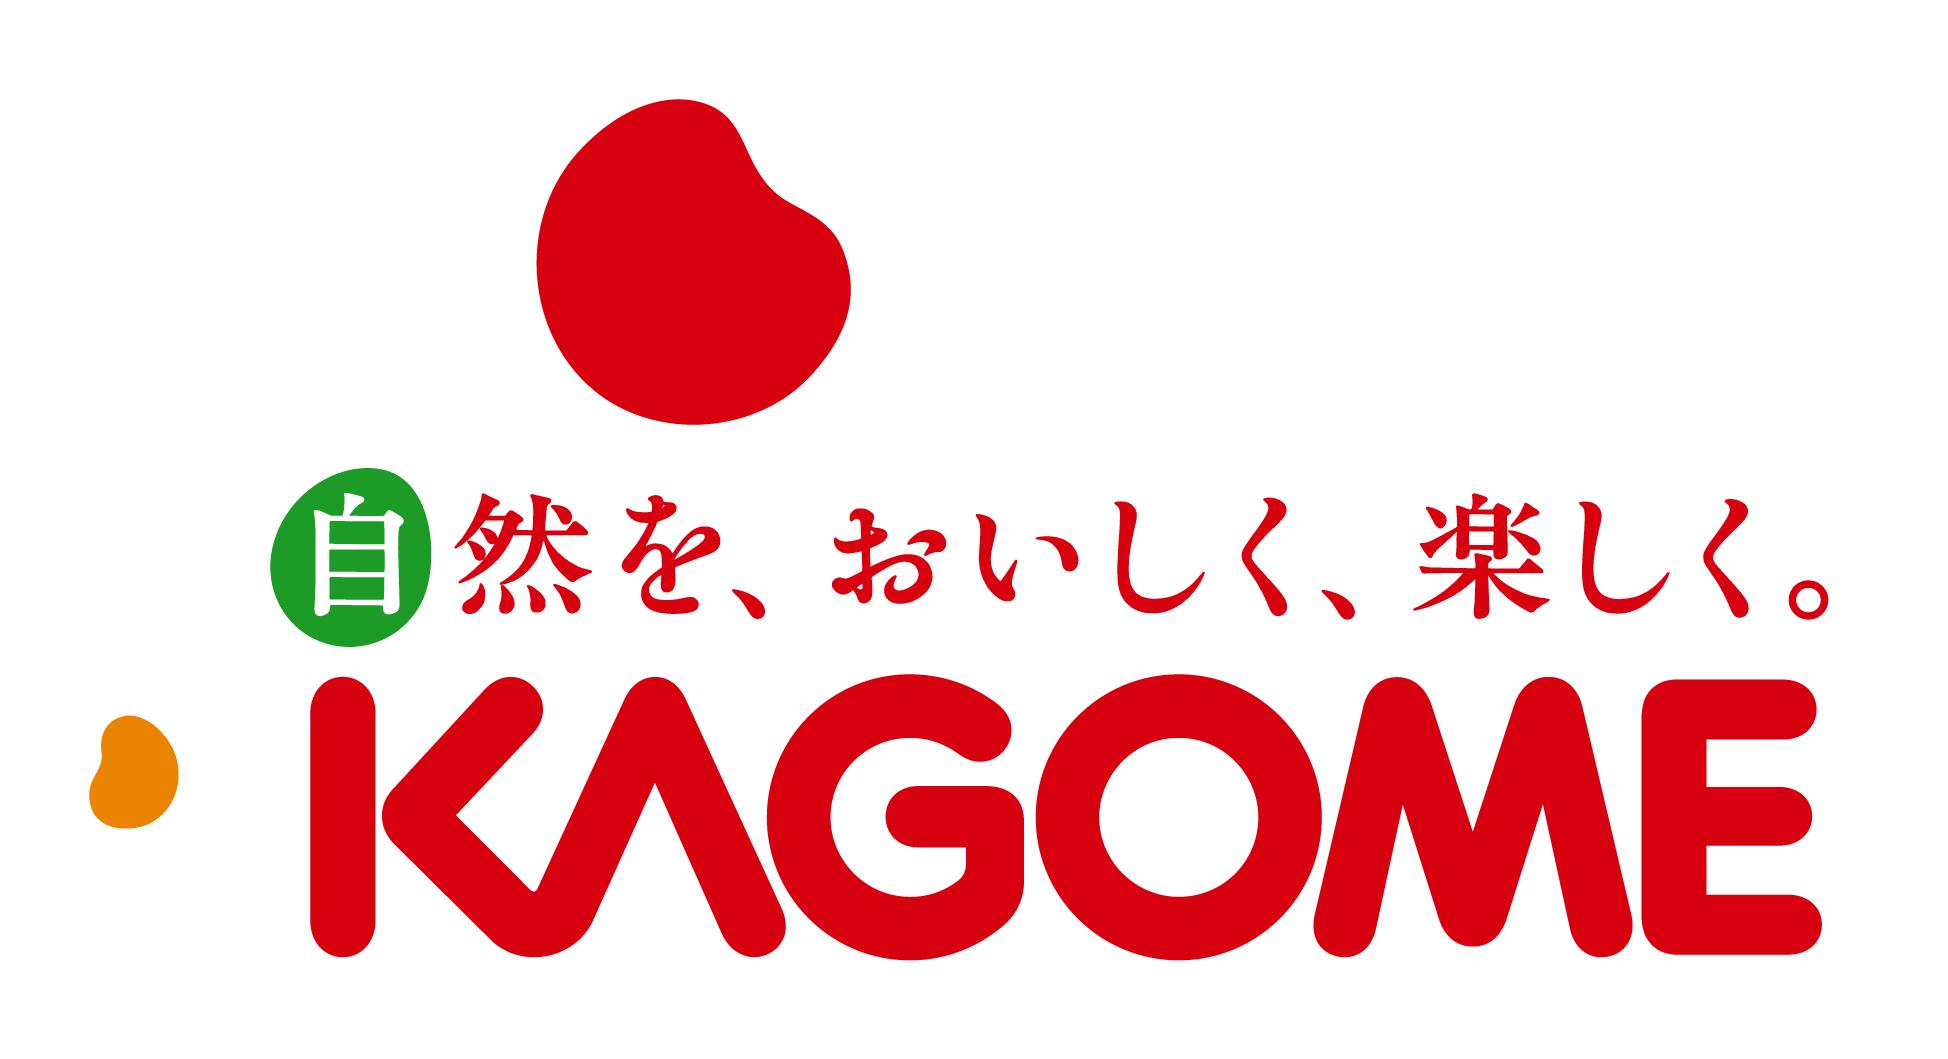 kagome_e383ade382b4